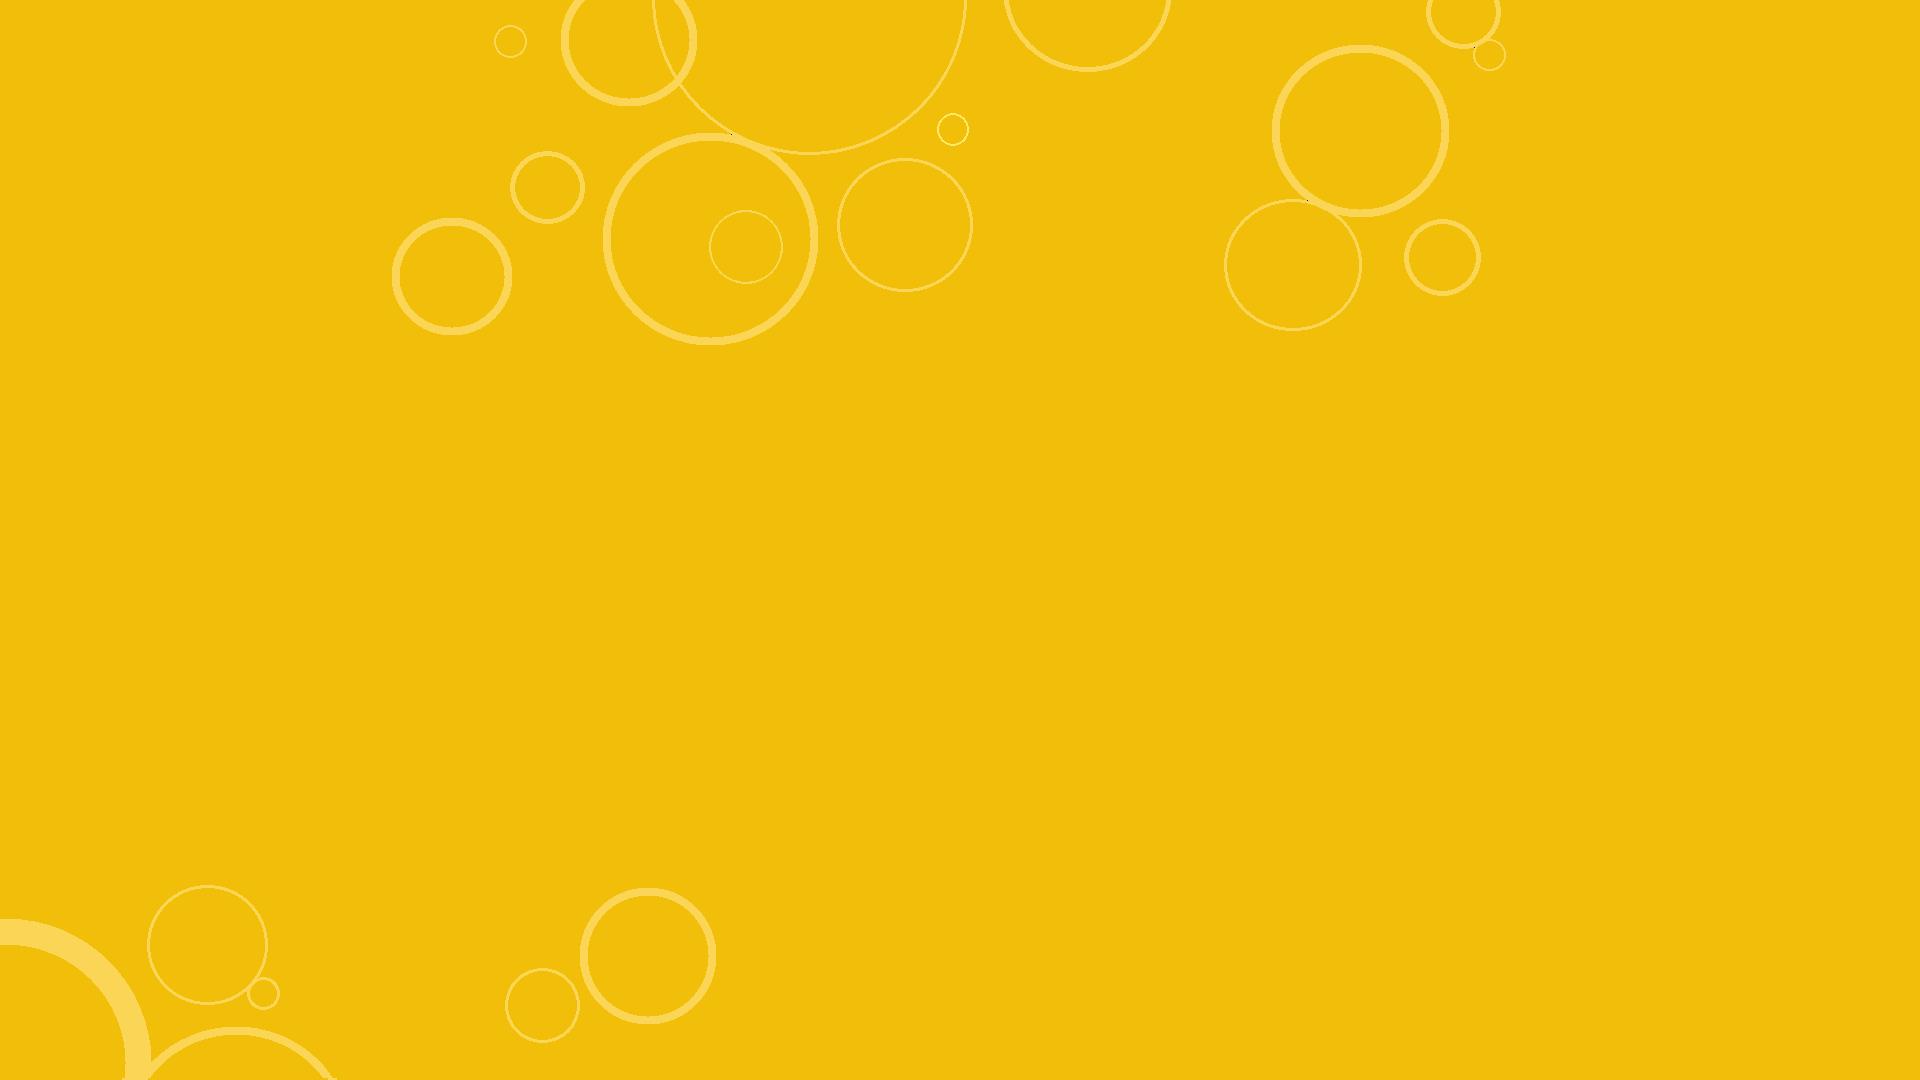 بالصور خلفية صفراء , اجمل الصور و الخلفيات باللون الاصفر 3454